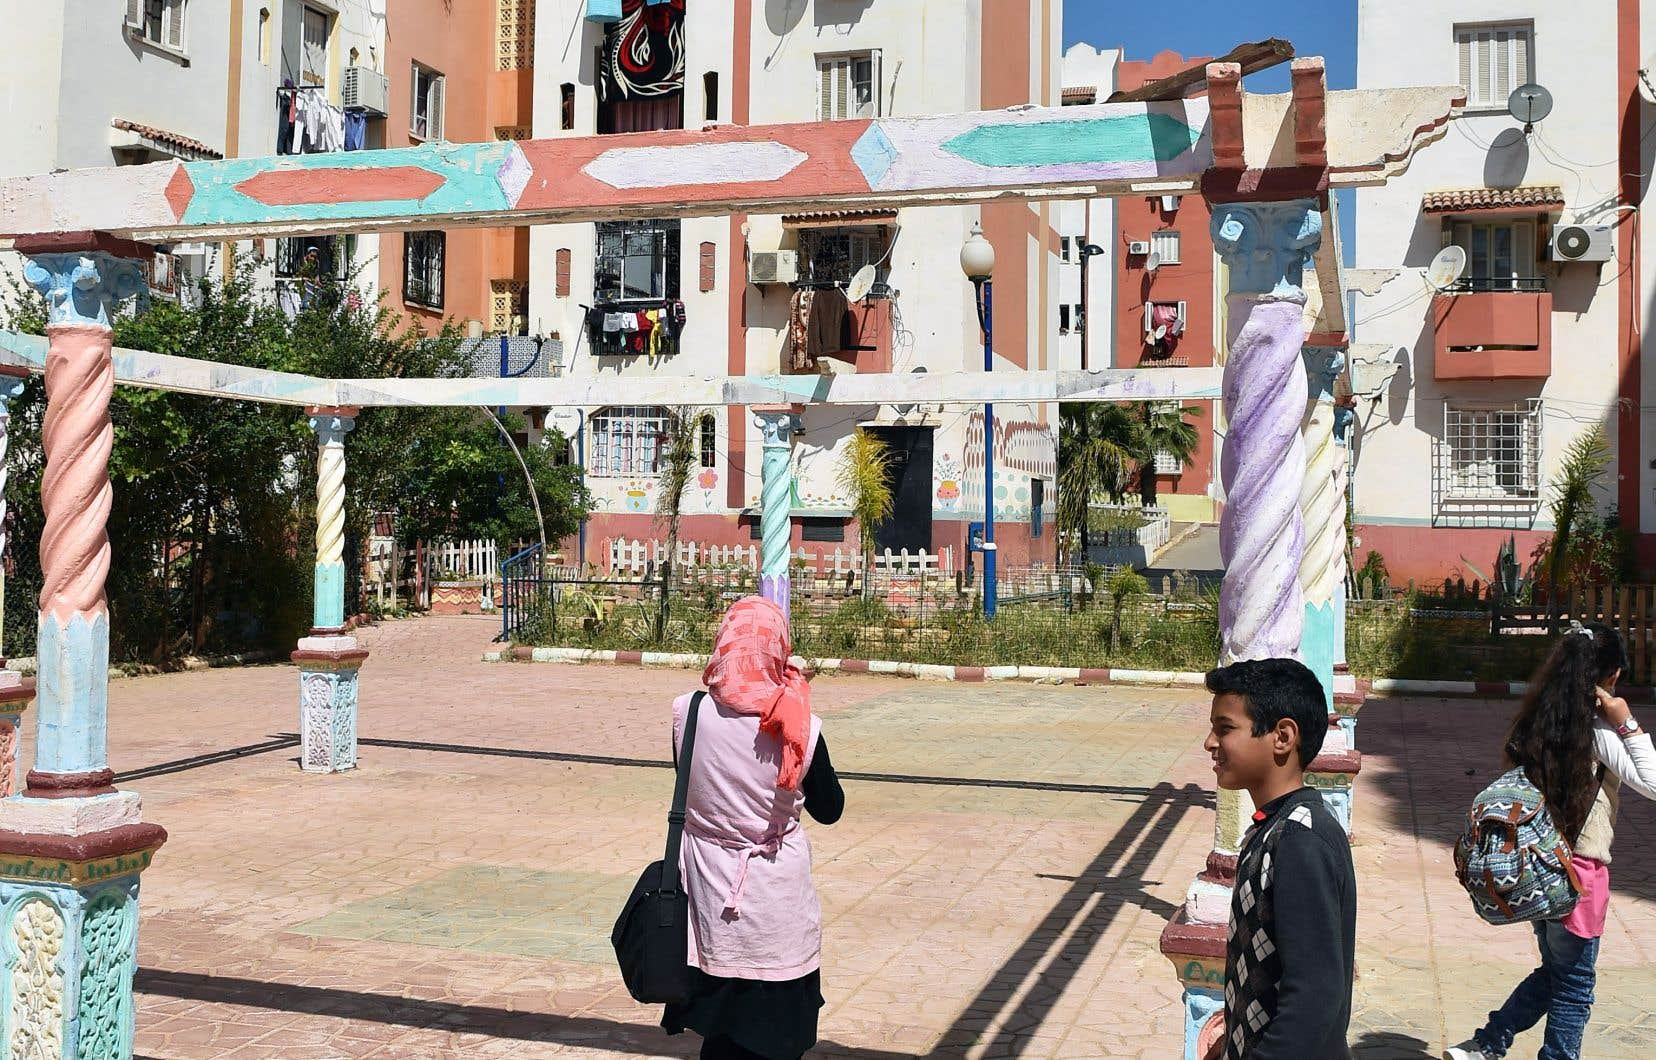 «J'ai grandi dans une Algérie où l'on encourageait l'esprit critique. Mes parents faisaient la prière, mais se montraient aussi critiques face à l'intégrisme: les gens savaient faire la différence», explique la réalisatrice.